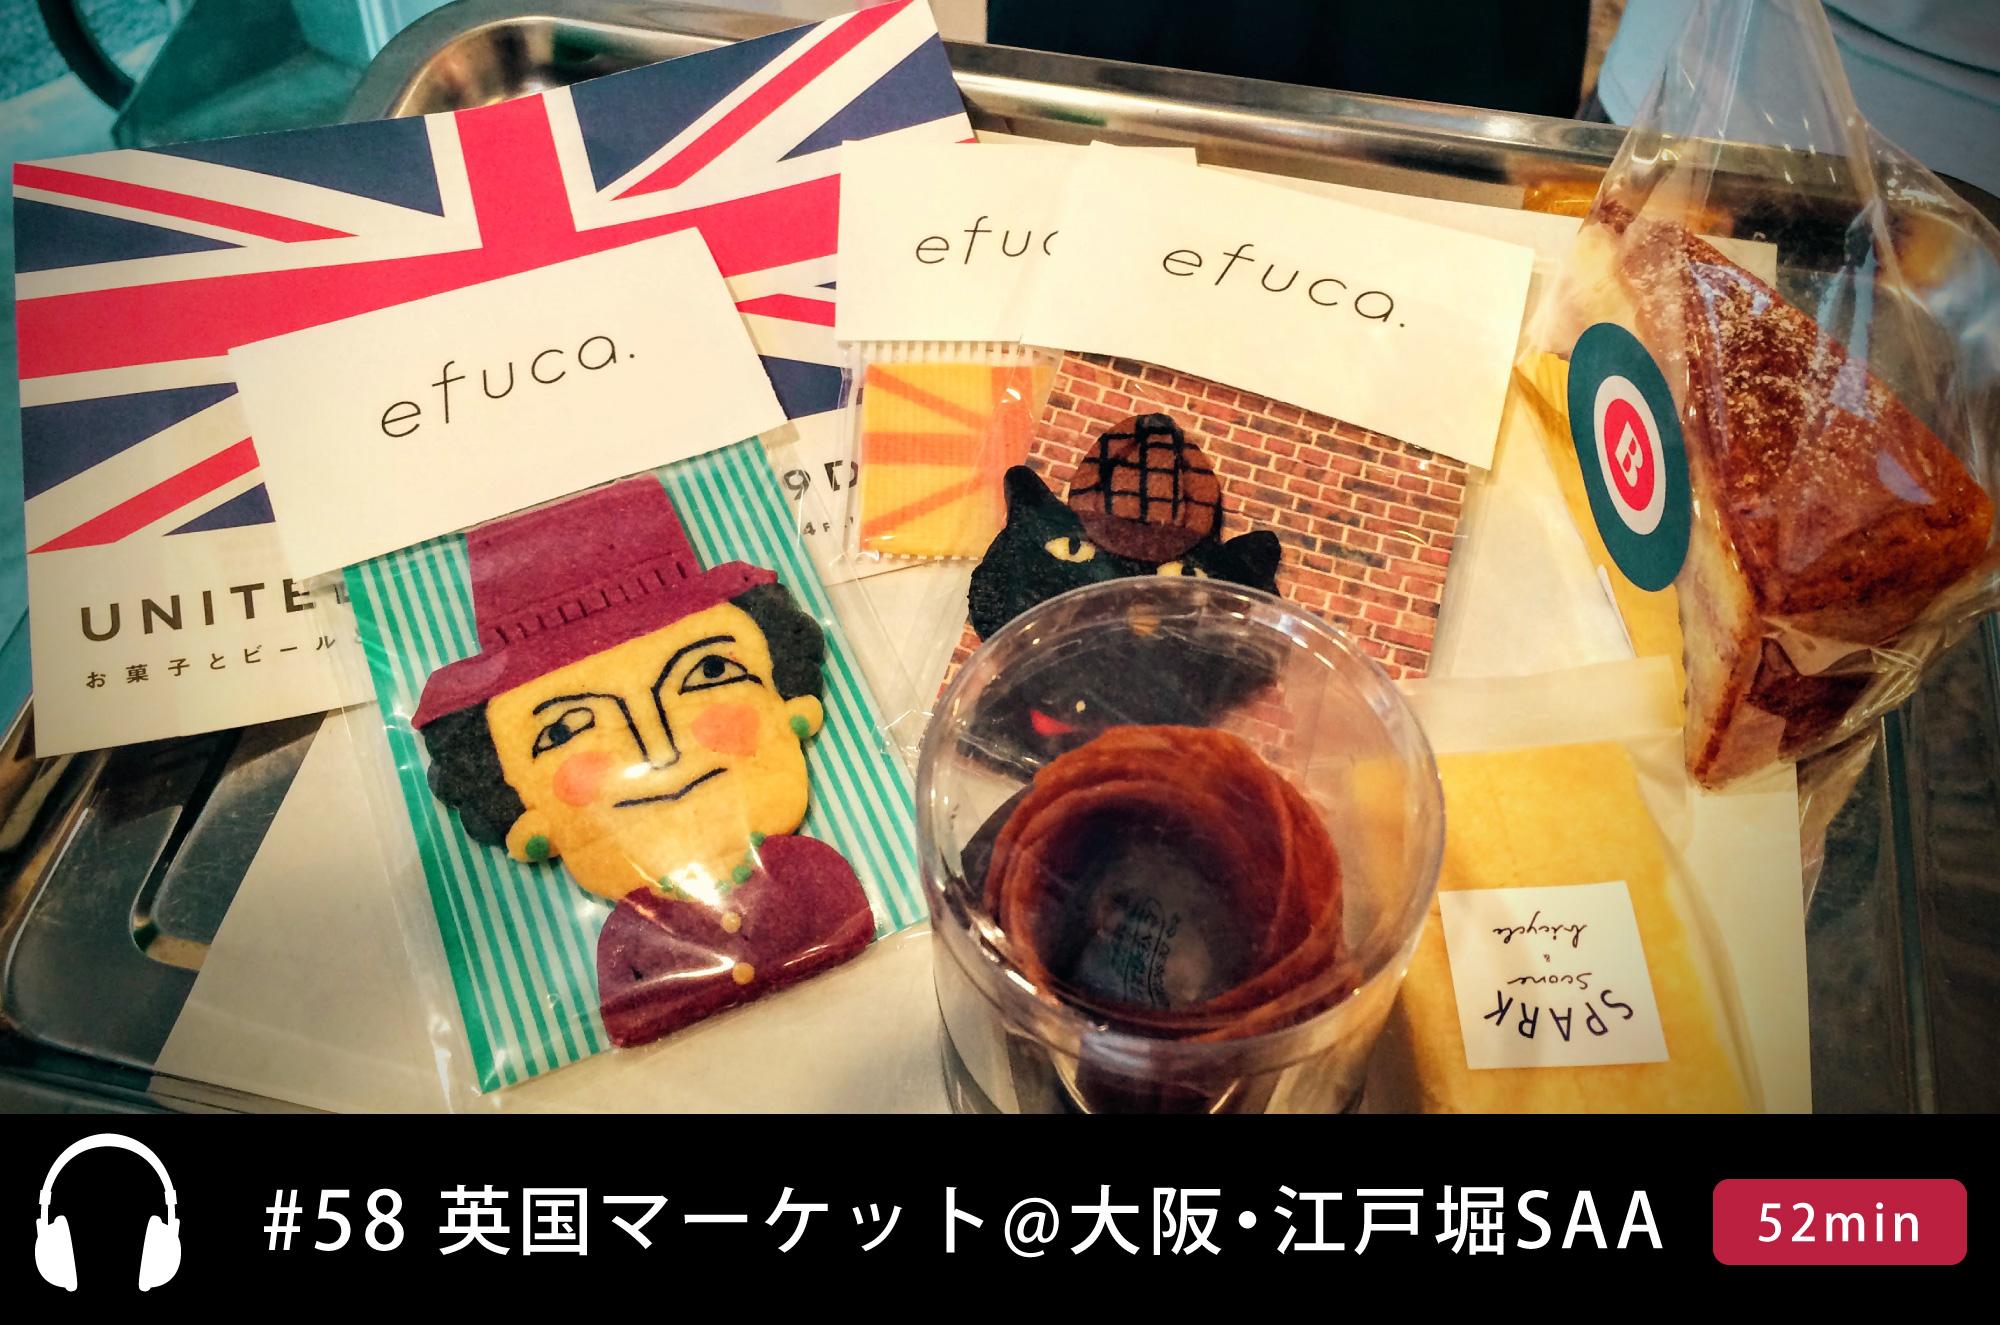 第58回:イギリス、EU離脱の方向へ/ナニワのテムズのほとりで楽しむ英国マーケット@大阪・江戸堀SAA/ロンドンティールームでお茶